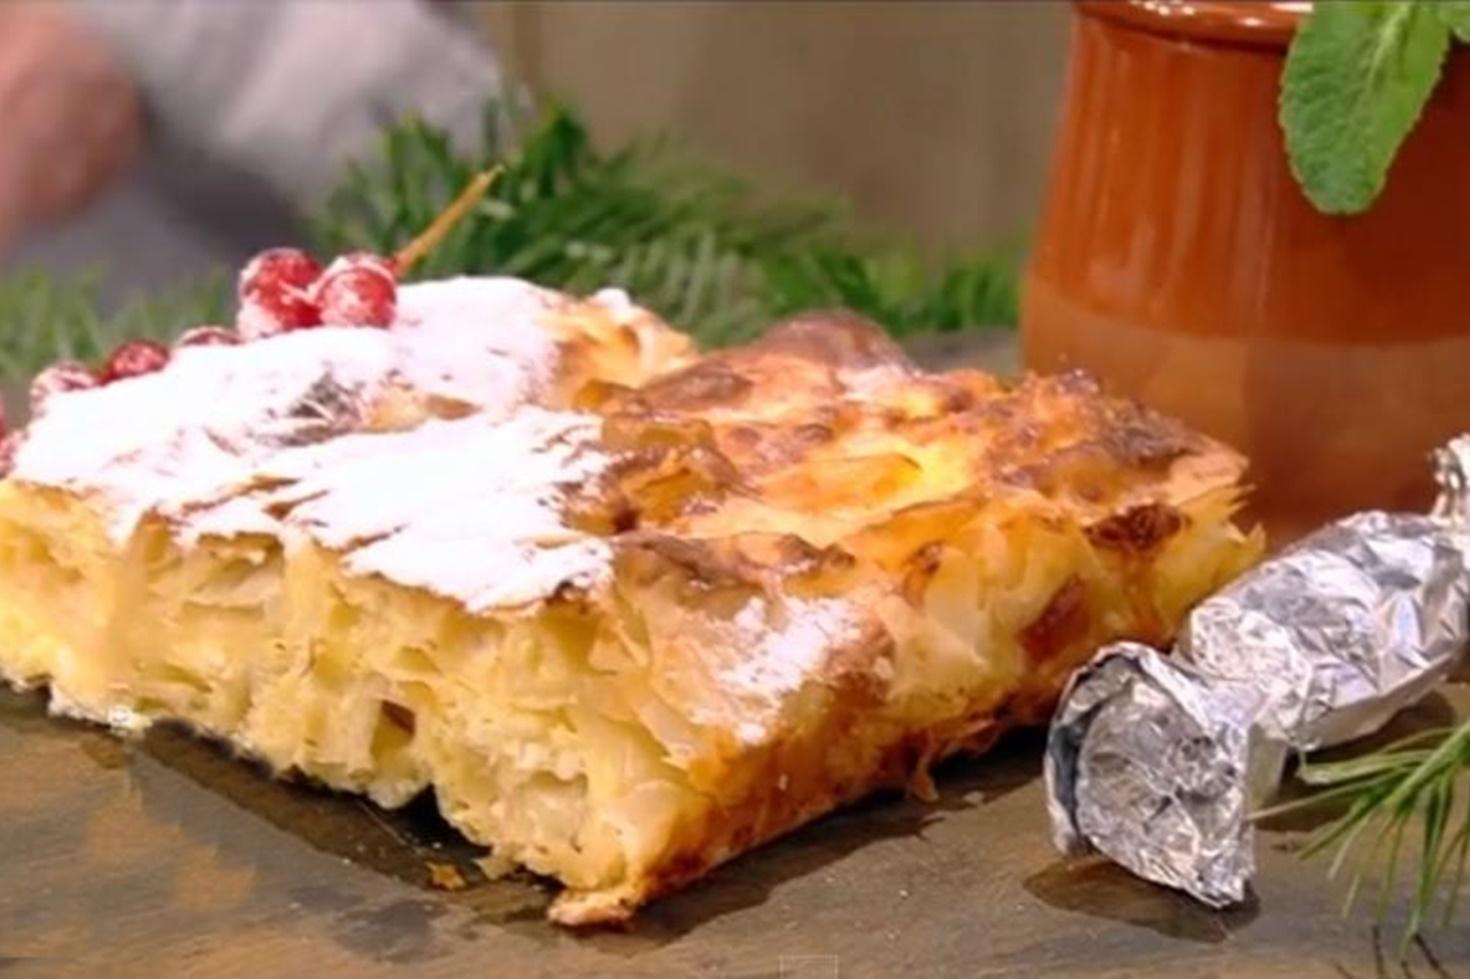 Rețetă de plăcintă cu brânză și răvașe, perfectă pentru a-i surprinde pe cei dragi la trecerea dintre ani